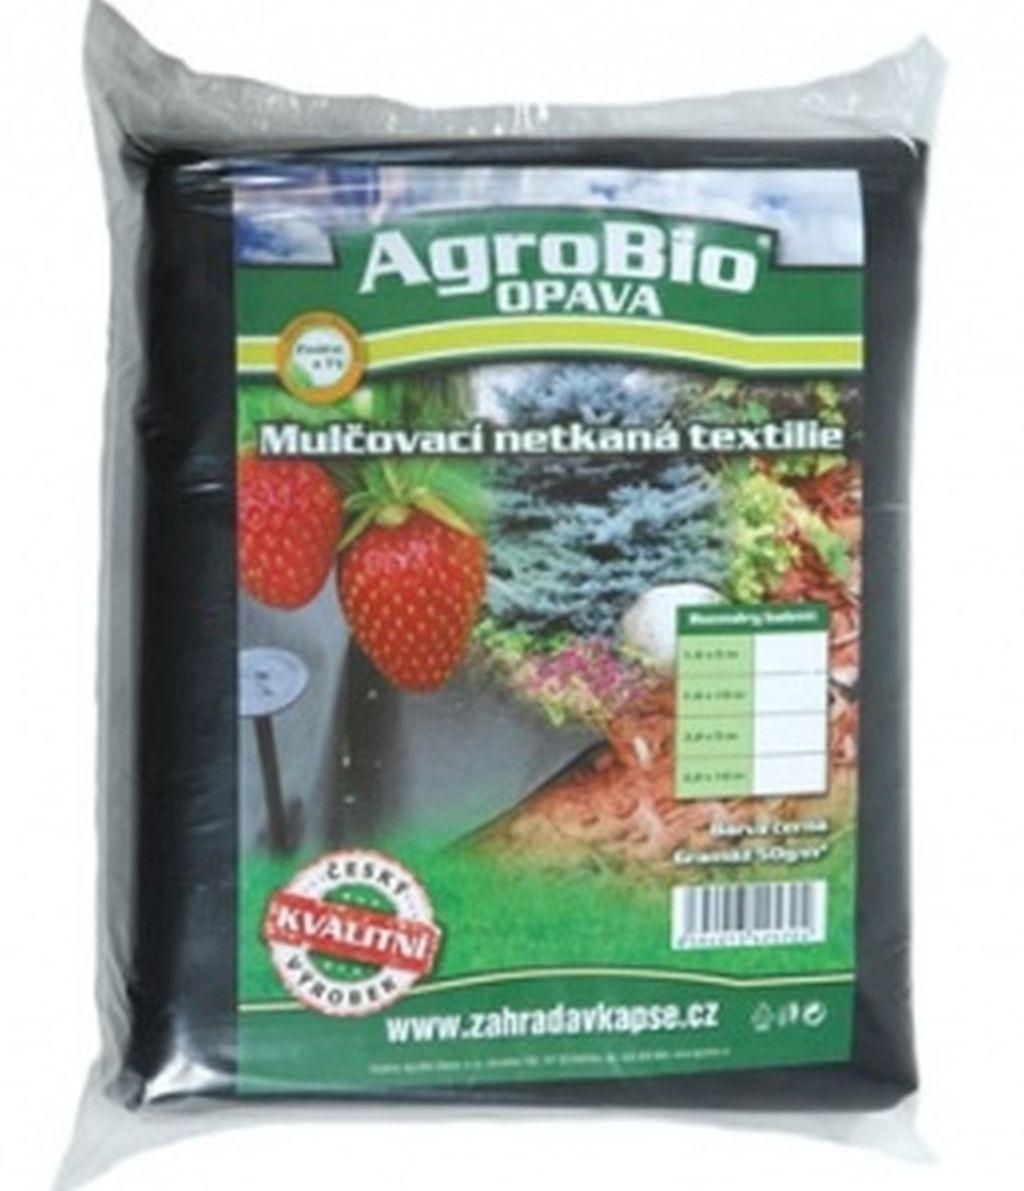 AgroBio netkaná textilie 3,2x5 m, černá